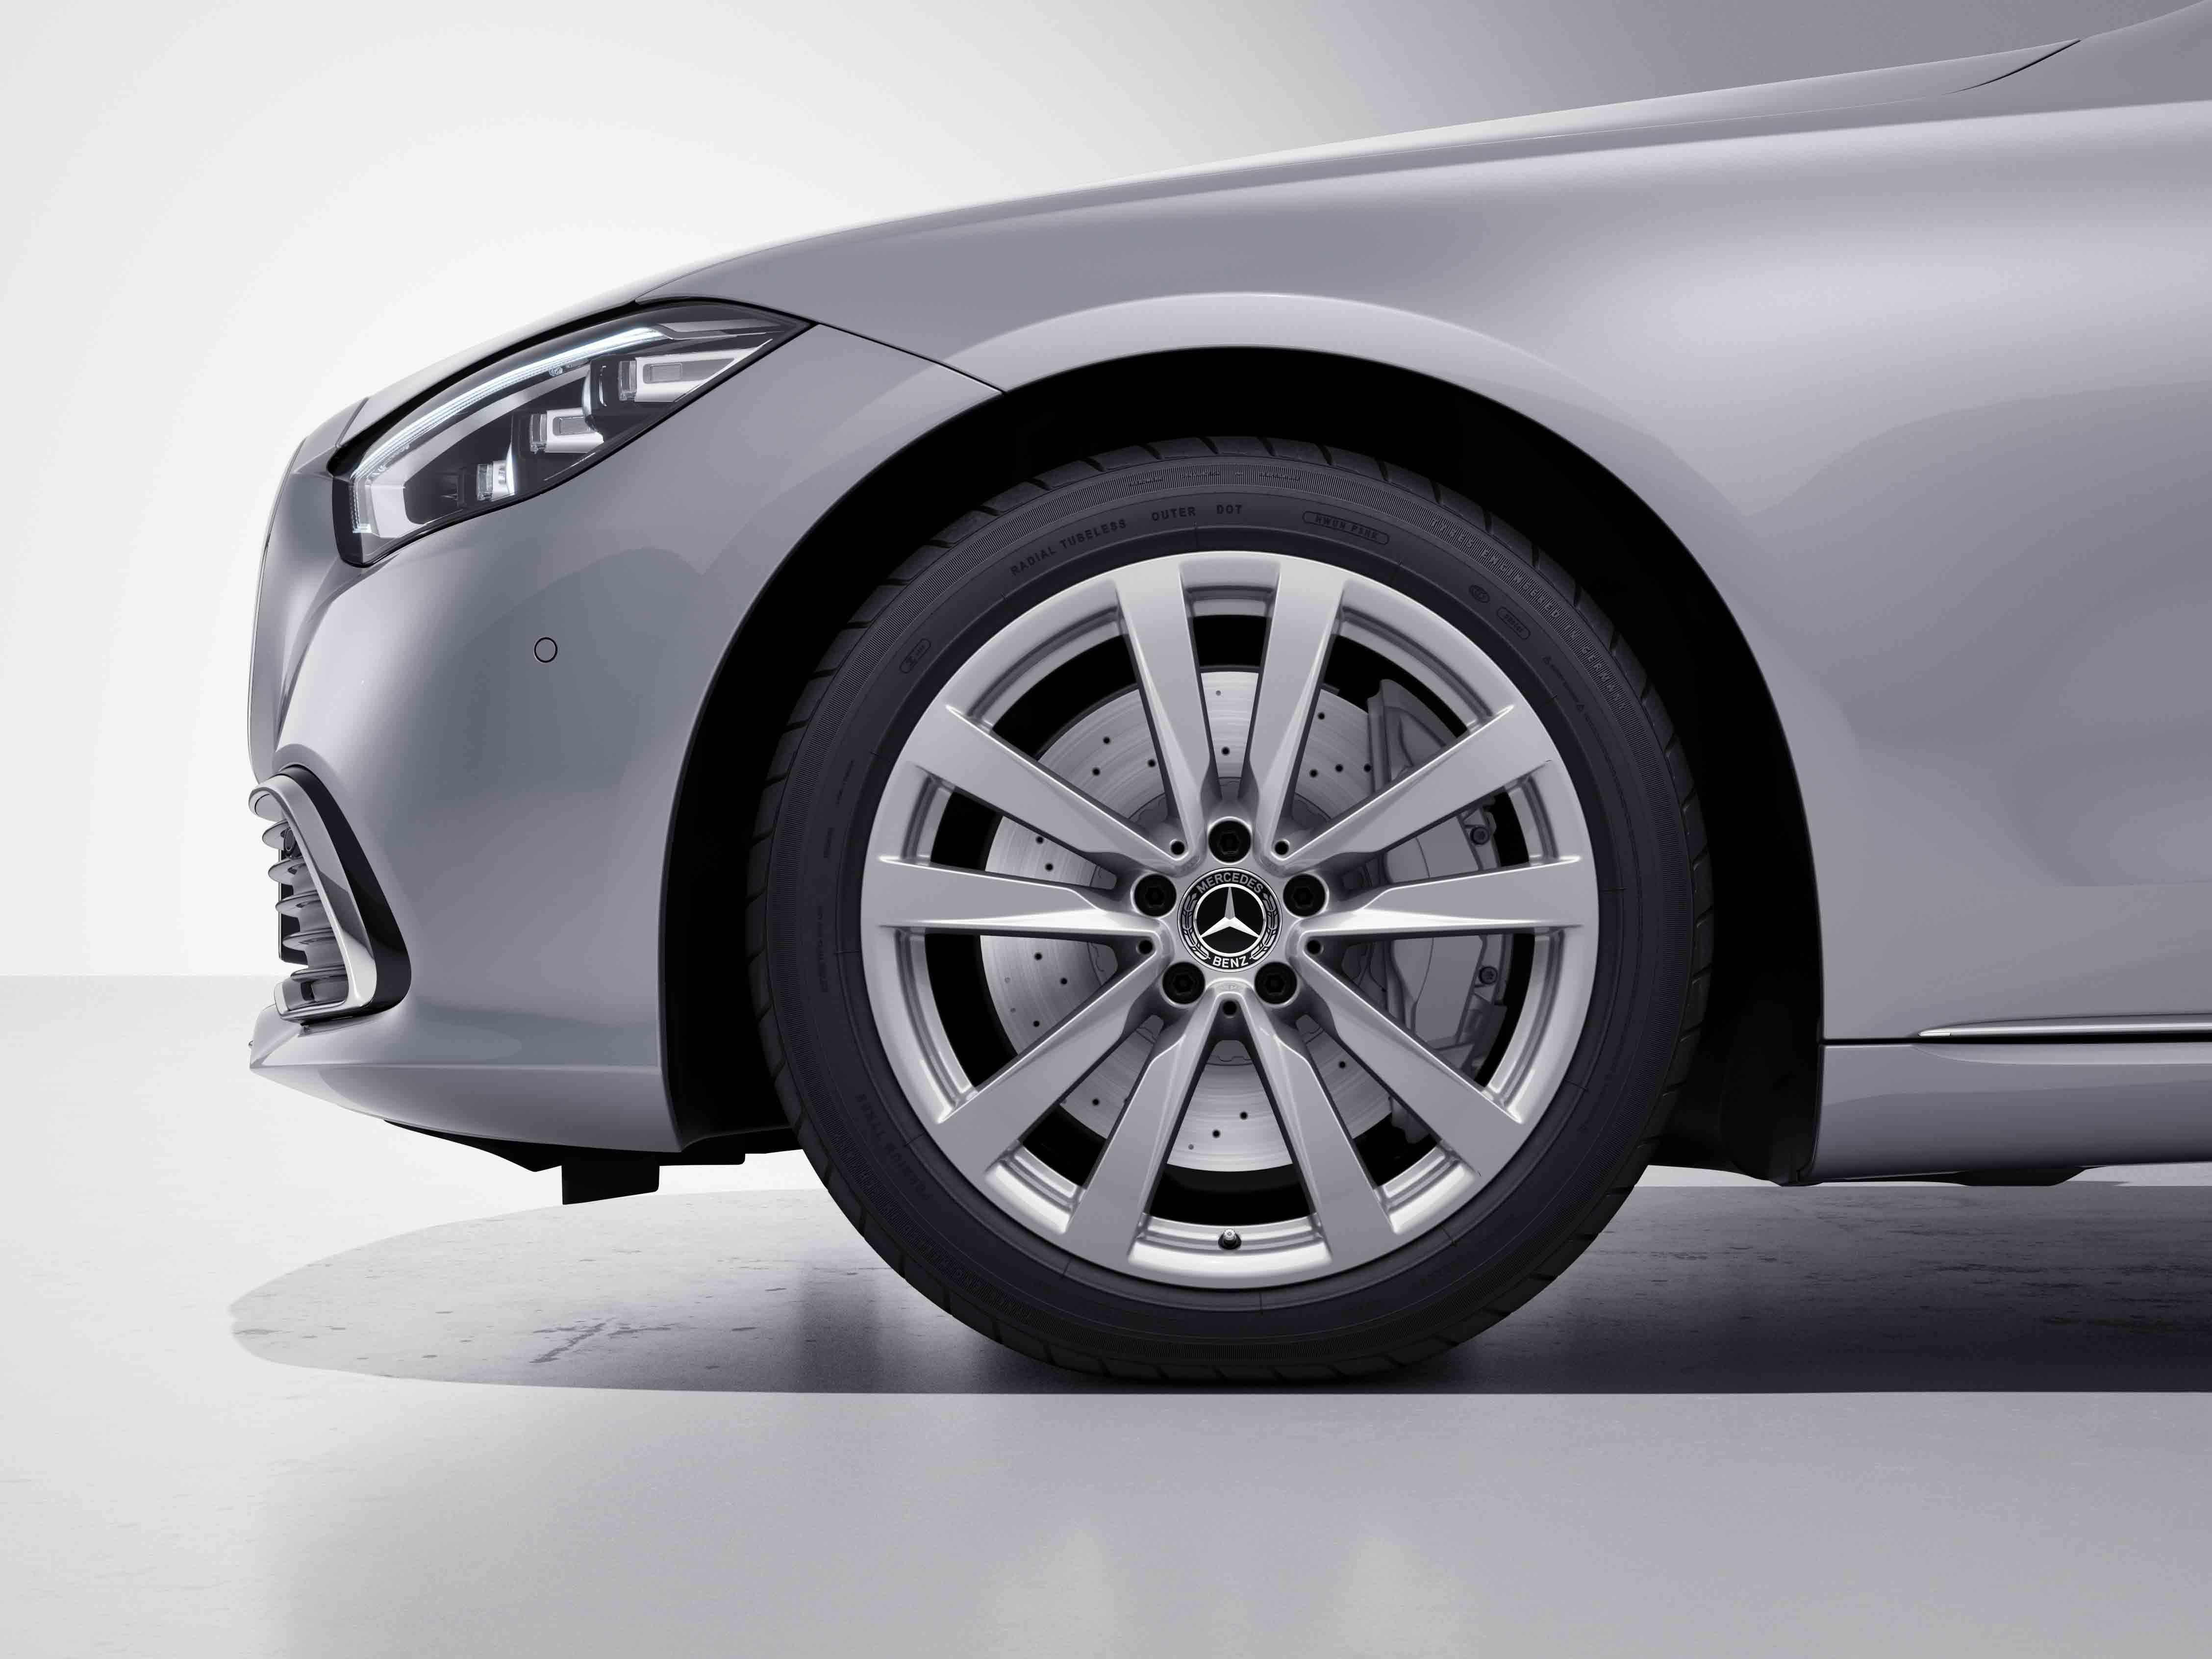 Jantes 19 à 7 triples branches de la Mercedes-Benz Classe S Limousine